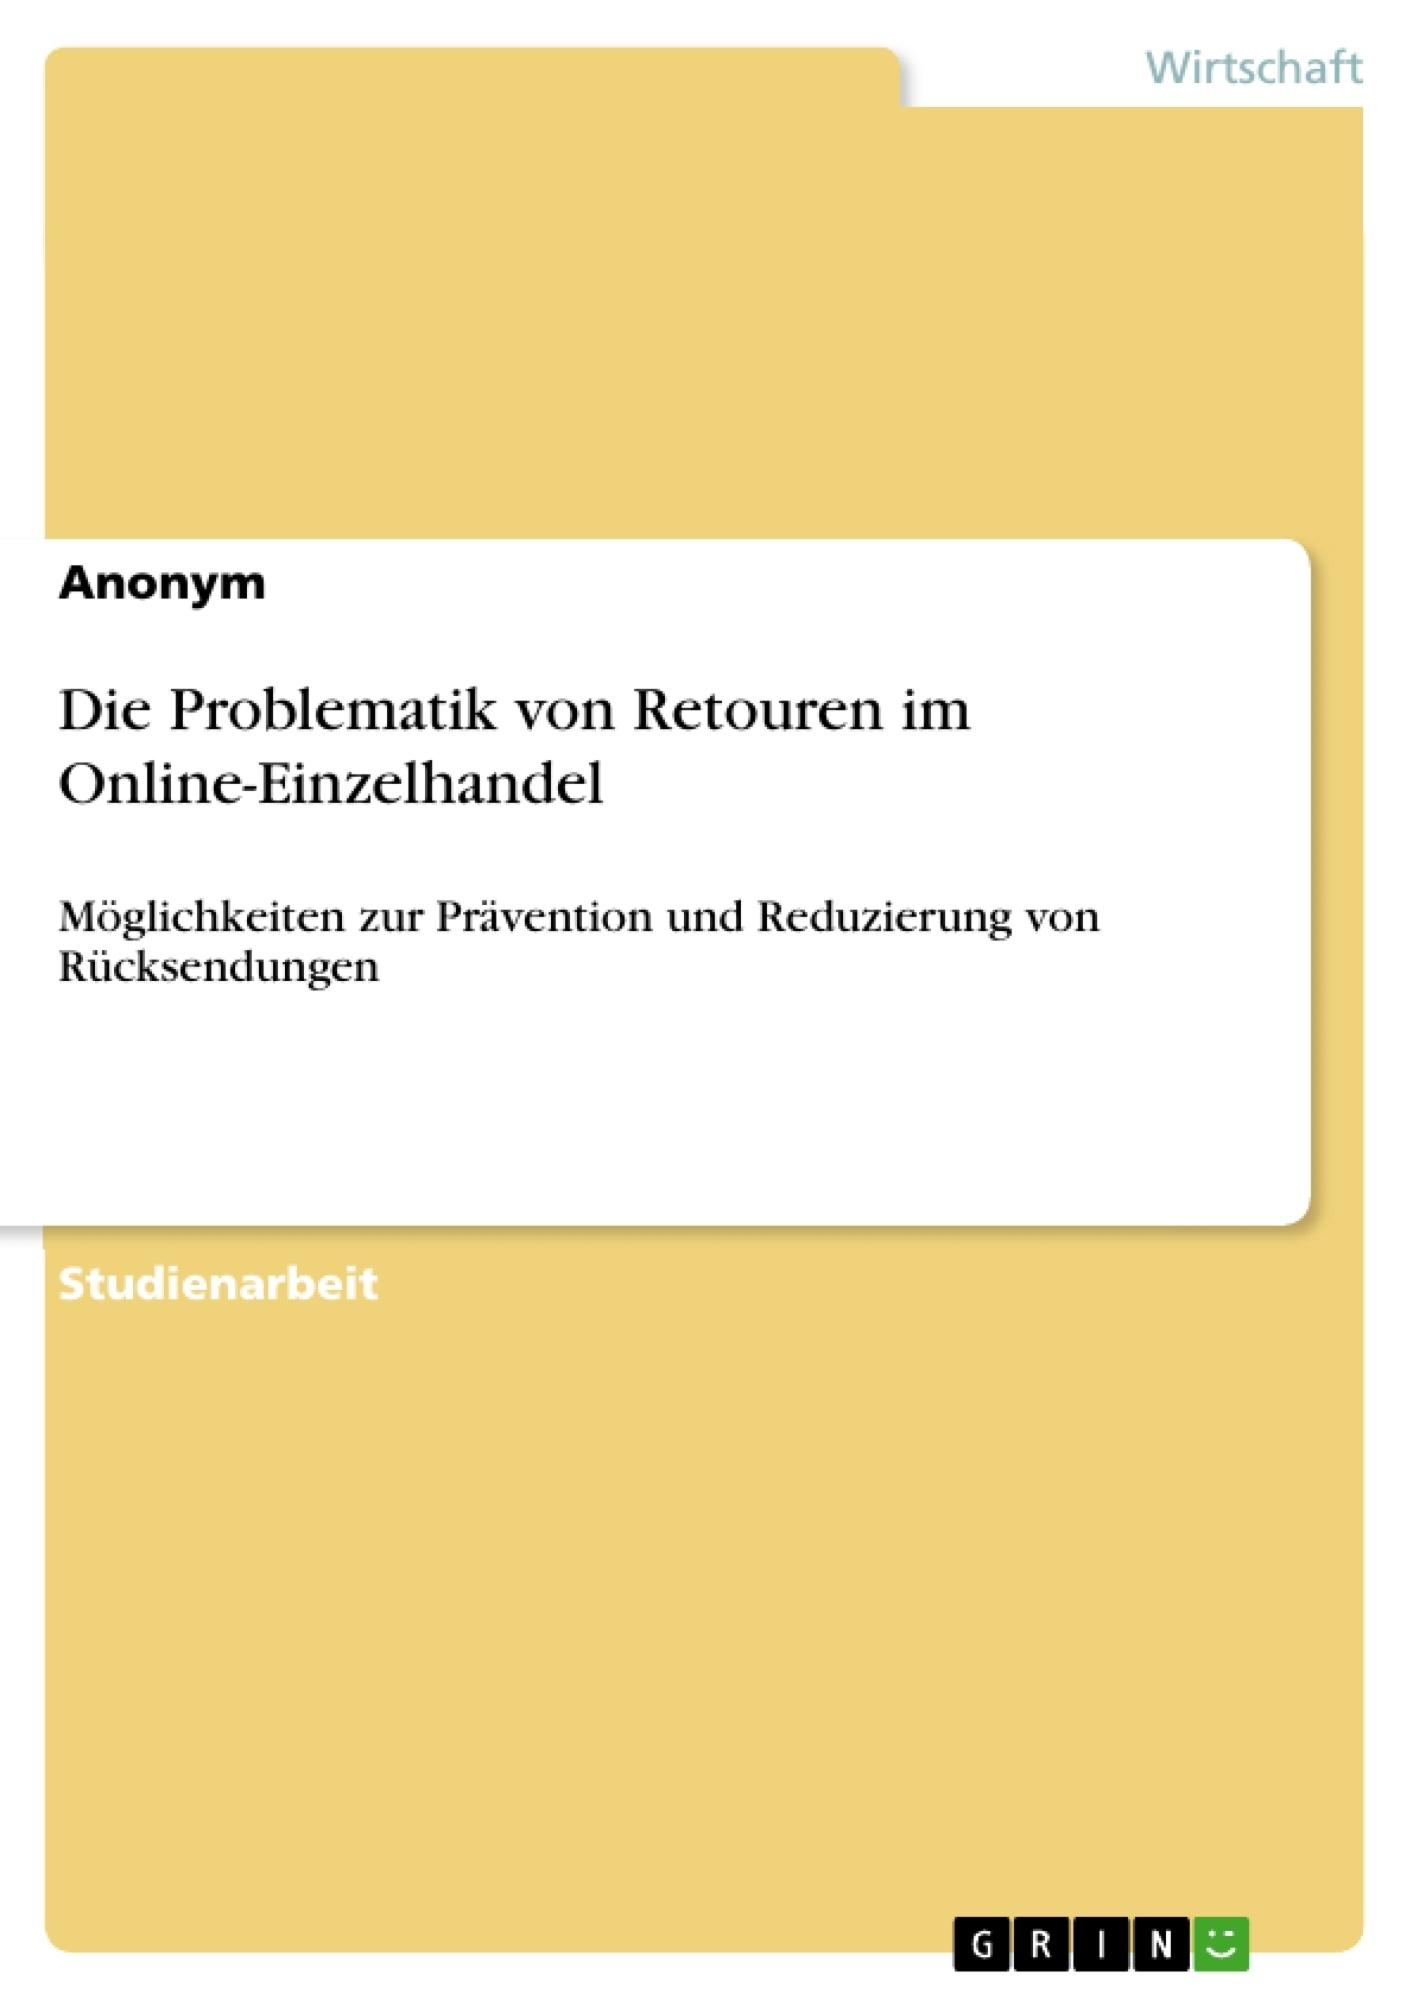 Titel: Die Problematik von Retouren im Online-Einzelhandel